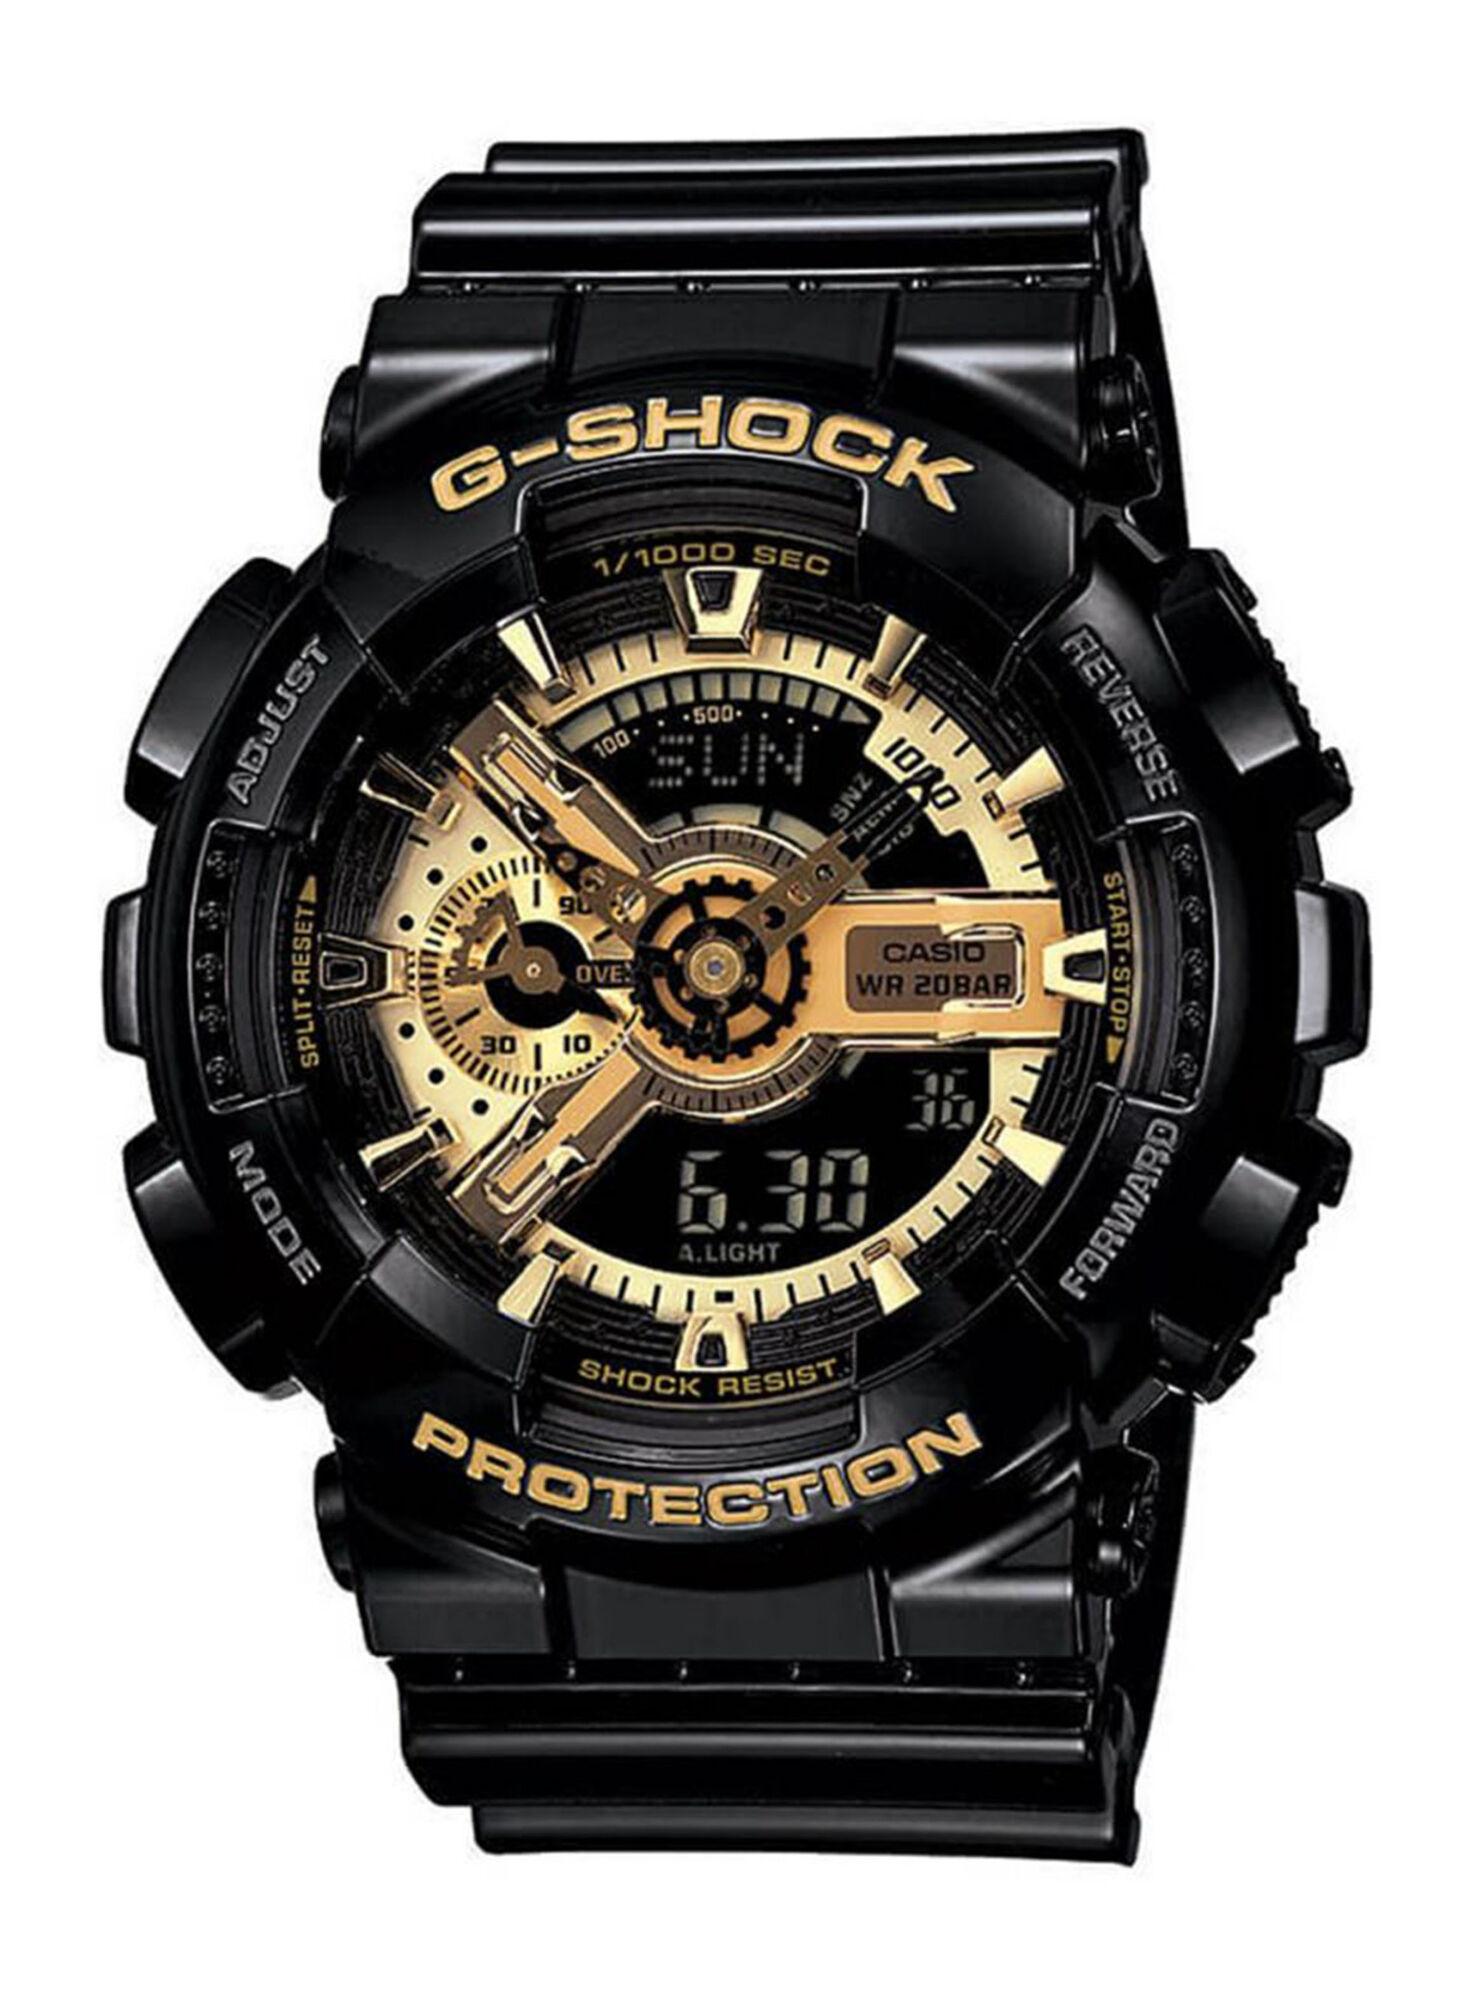 56b5af586e93 Reloj Análogo Digital G-Shock GA-110GB-1ADR Hombre en Relojes